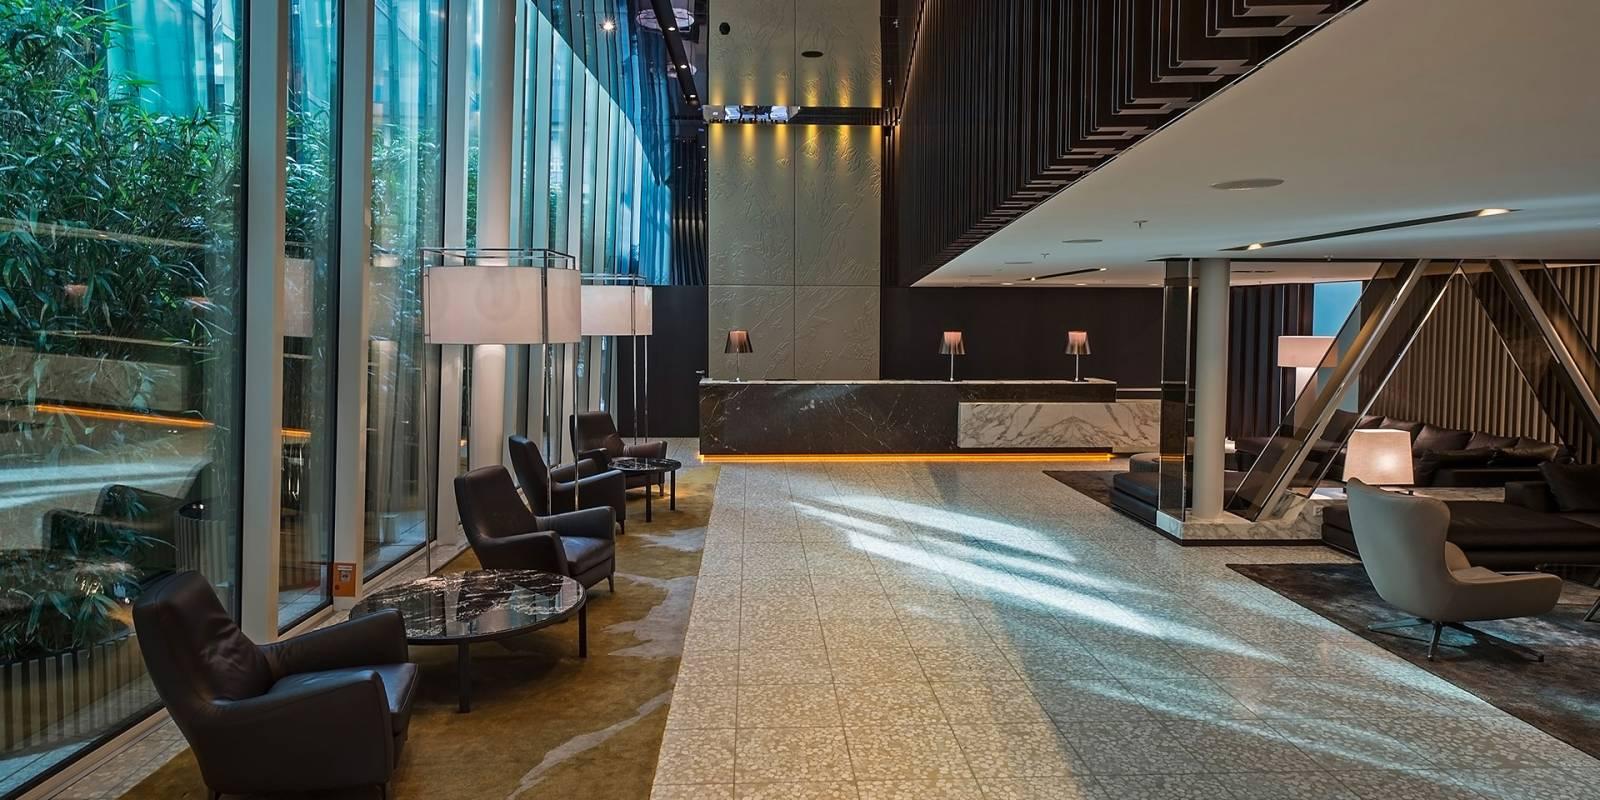 Das Hotel Astoria In Luzern Ein Hotel Der Superlative